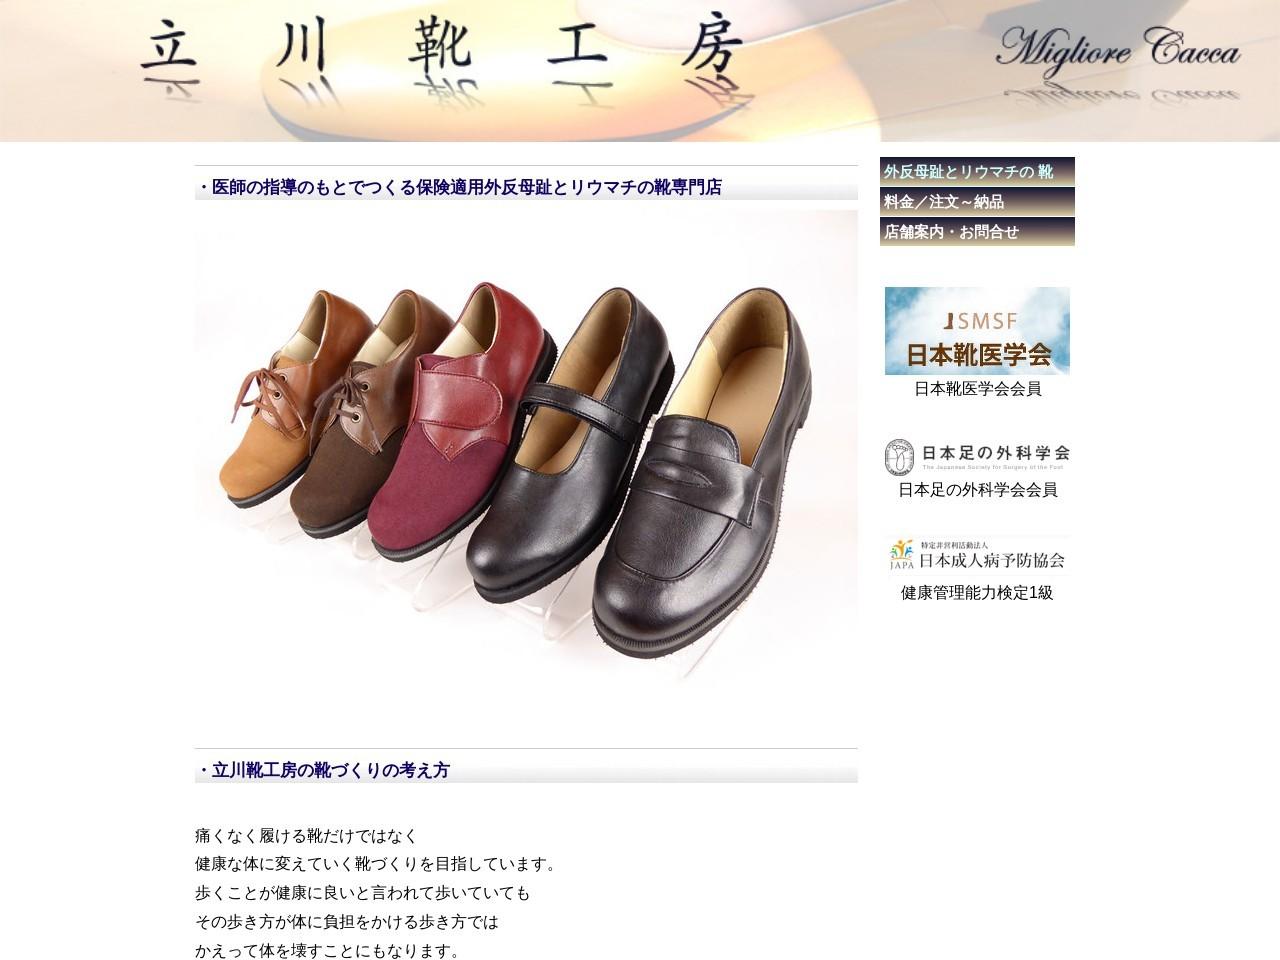 外反母趾 靴とリウマチ 靴のオーダーメイド靴店 - 立川靴工房・東京